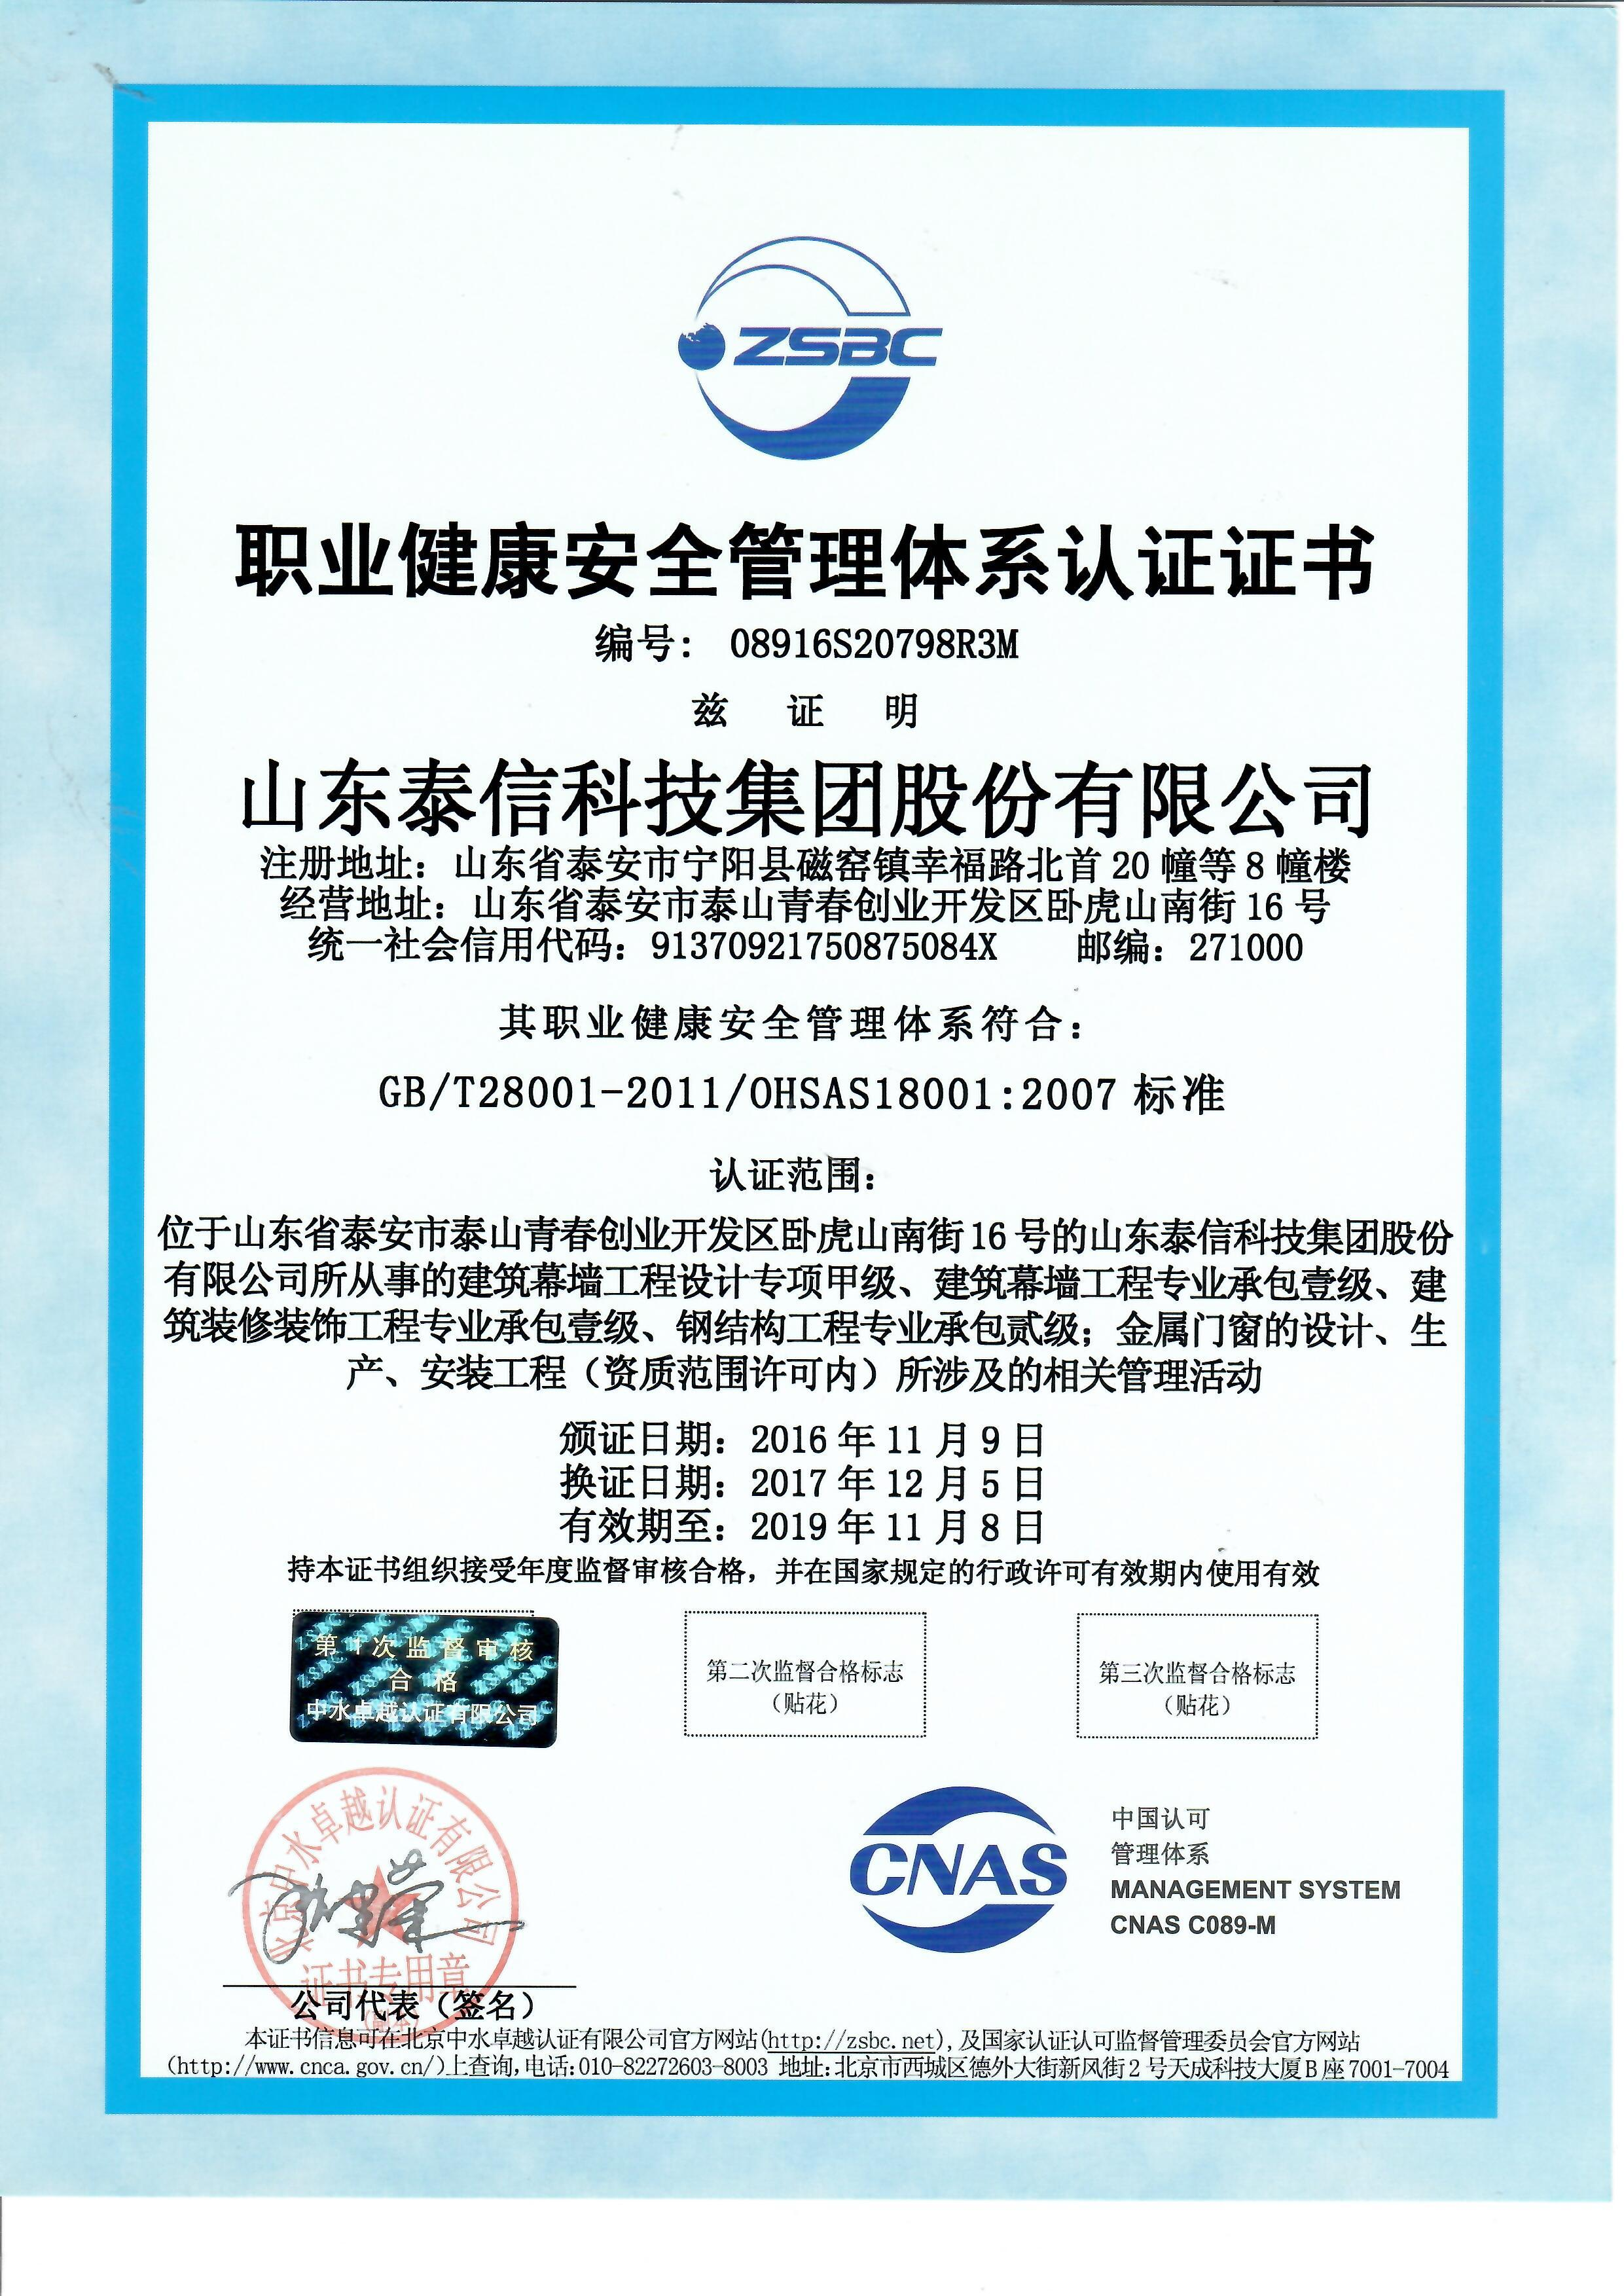 泰信职业健康安全管理体系认证证书